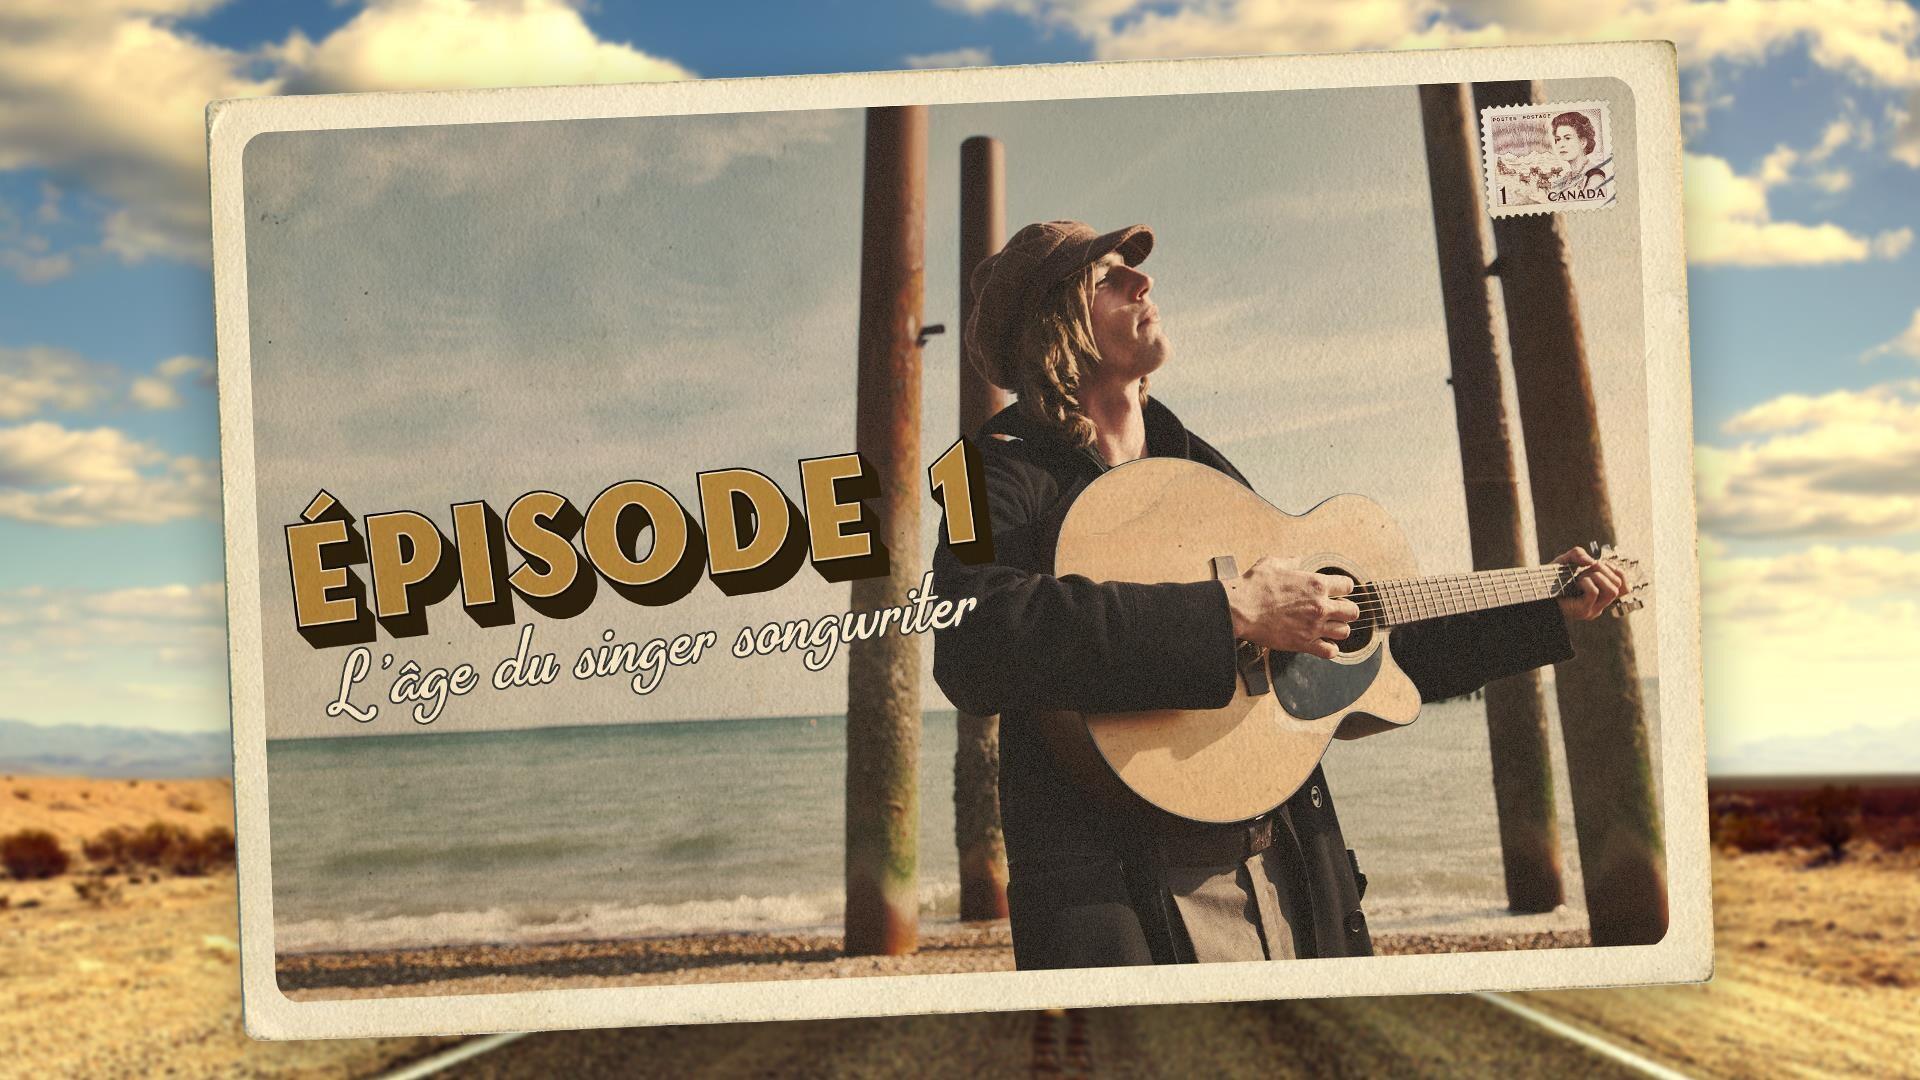 Ilustration de carte postale sur laquelle un homme tient une guitare.